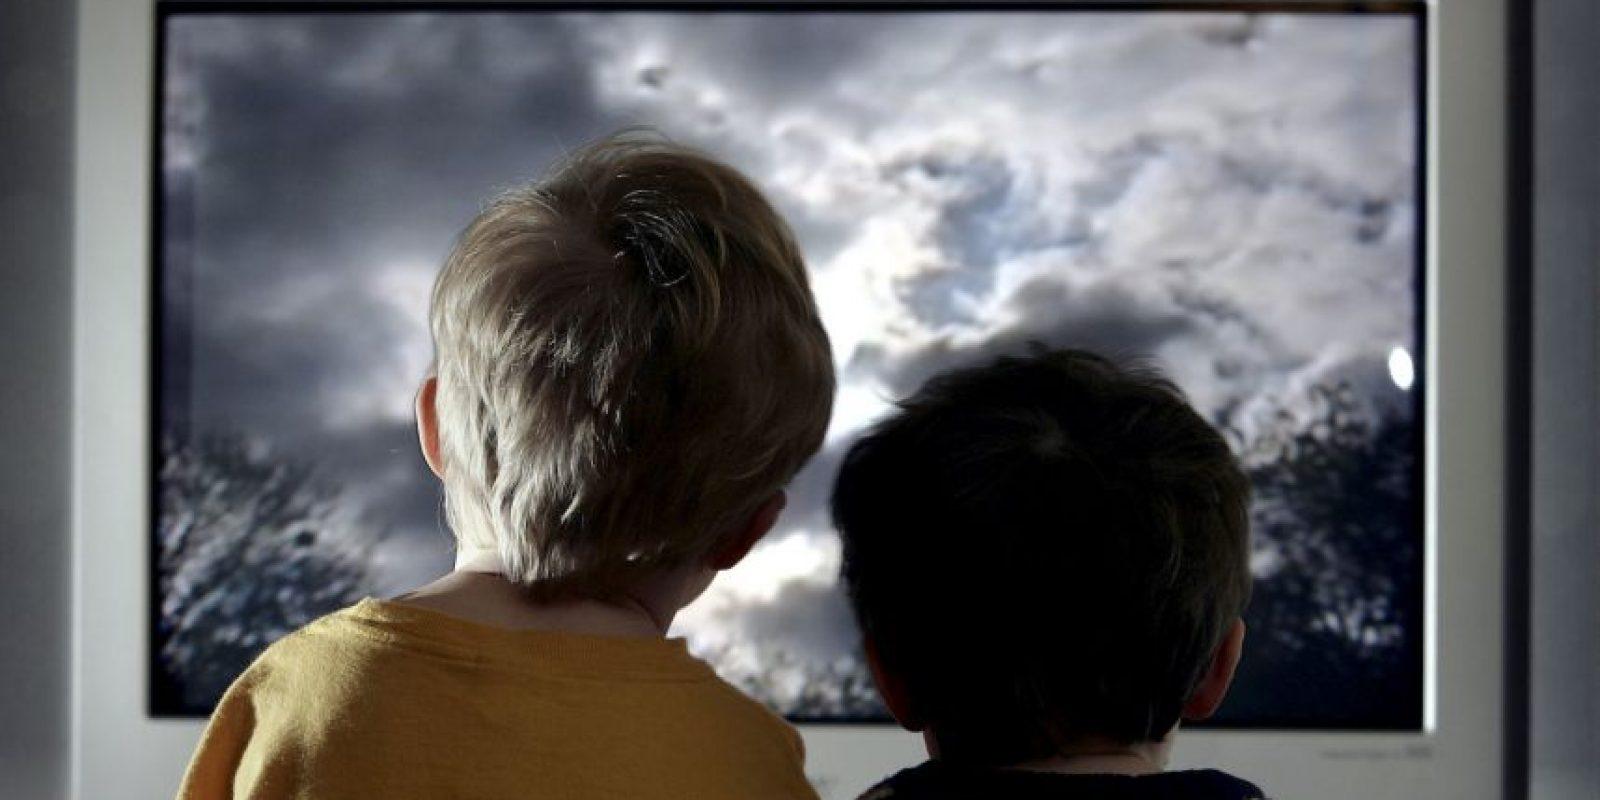 Entre sus consecuencias encontramos: Daños irreparables a la salud física y mental Foto:Getty Images